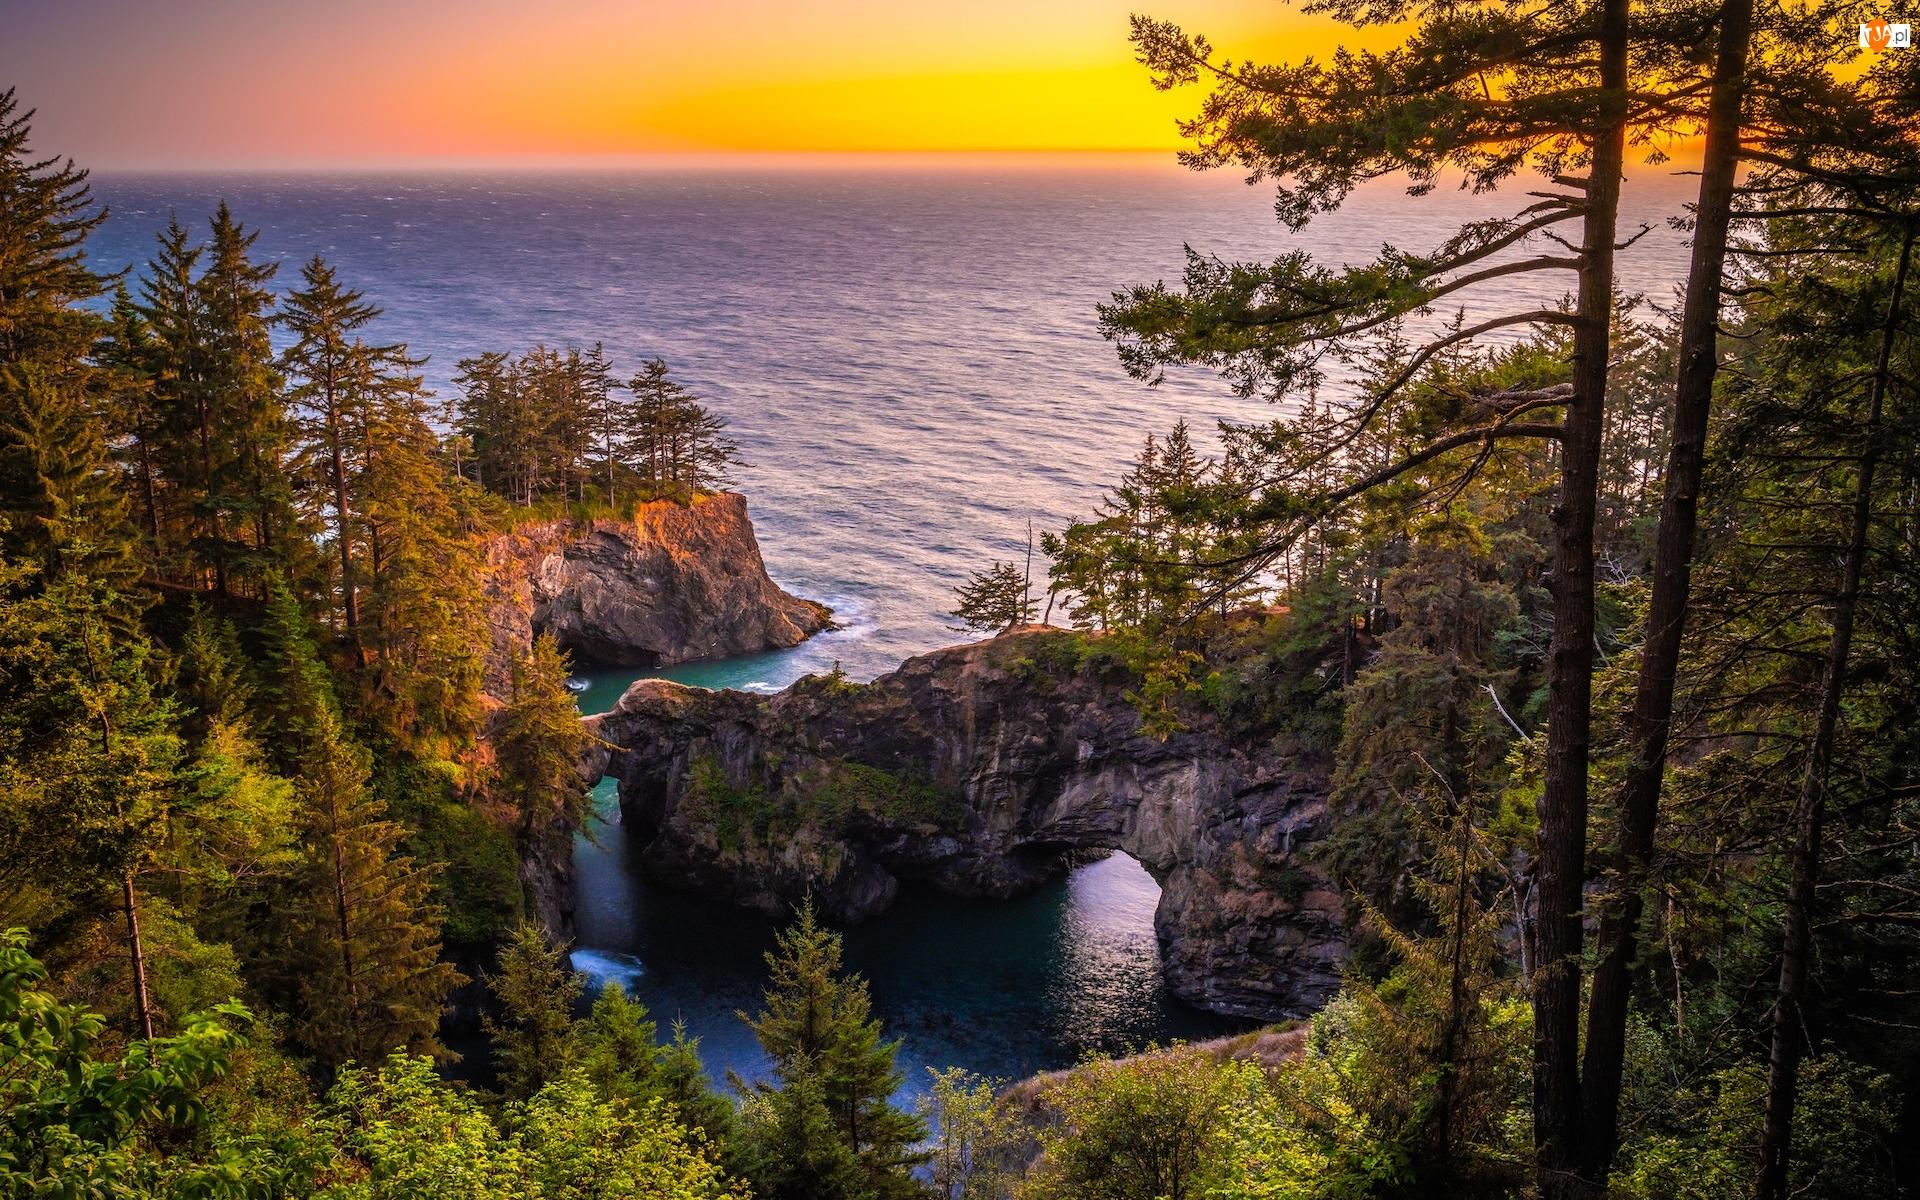 Morze, Samuel H. Boardman State Scenic Corridor, Brookings, Punkt widokowy, Most skalny, Oregon, Wybrzeże Park stanowy, Skały, Natural Bridges Viewpoint, Drzewa, Stany Zjednoczone